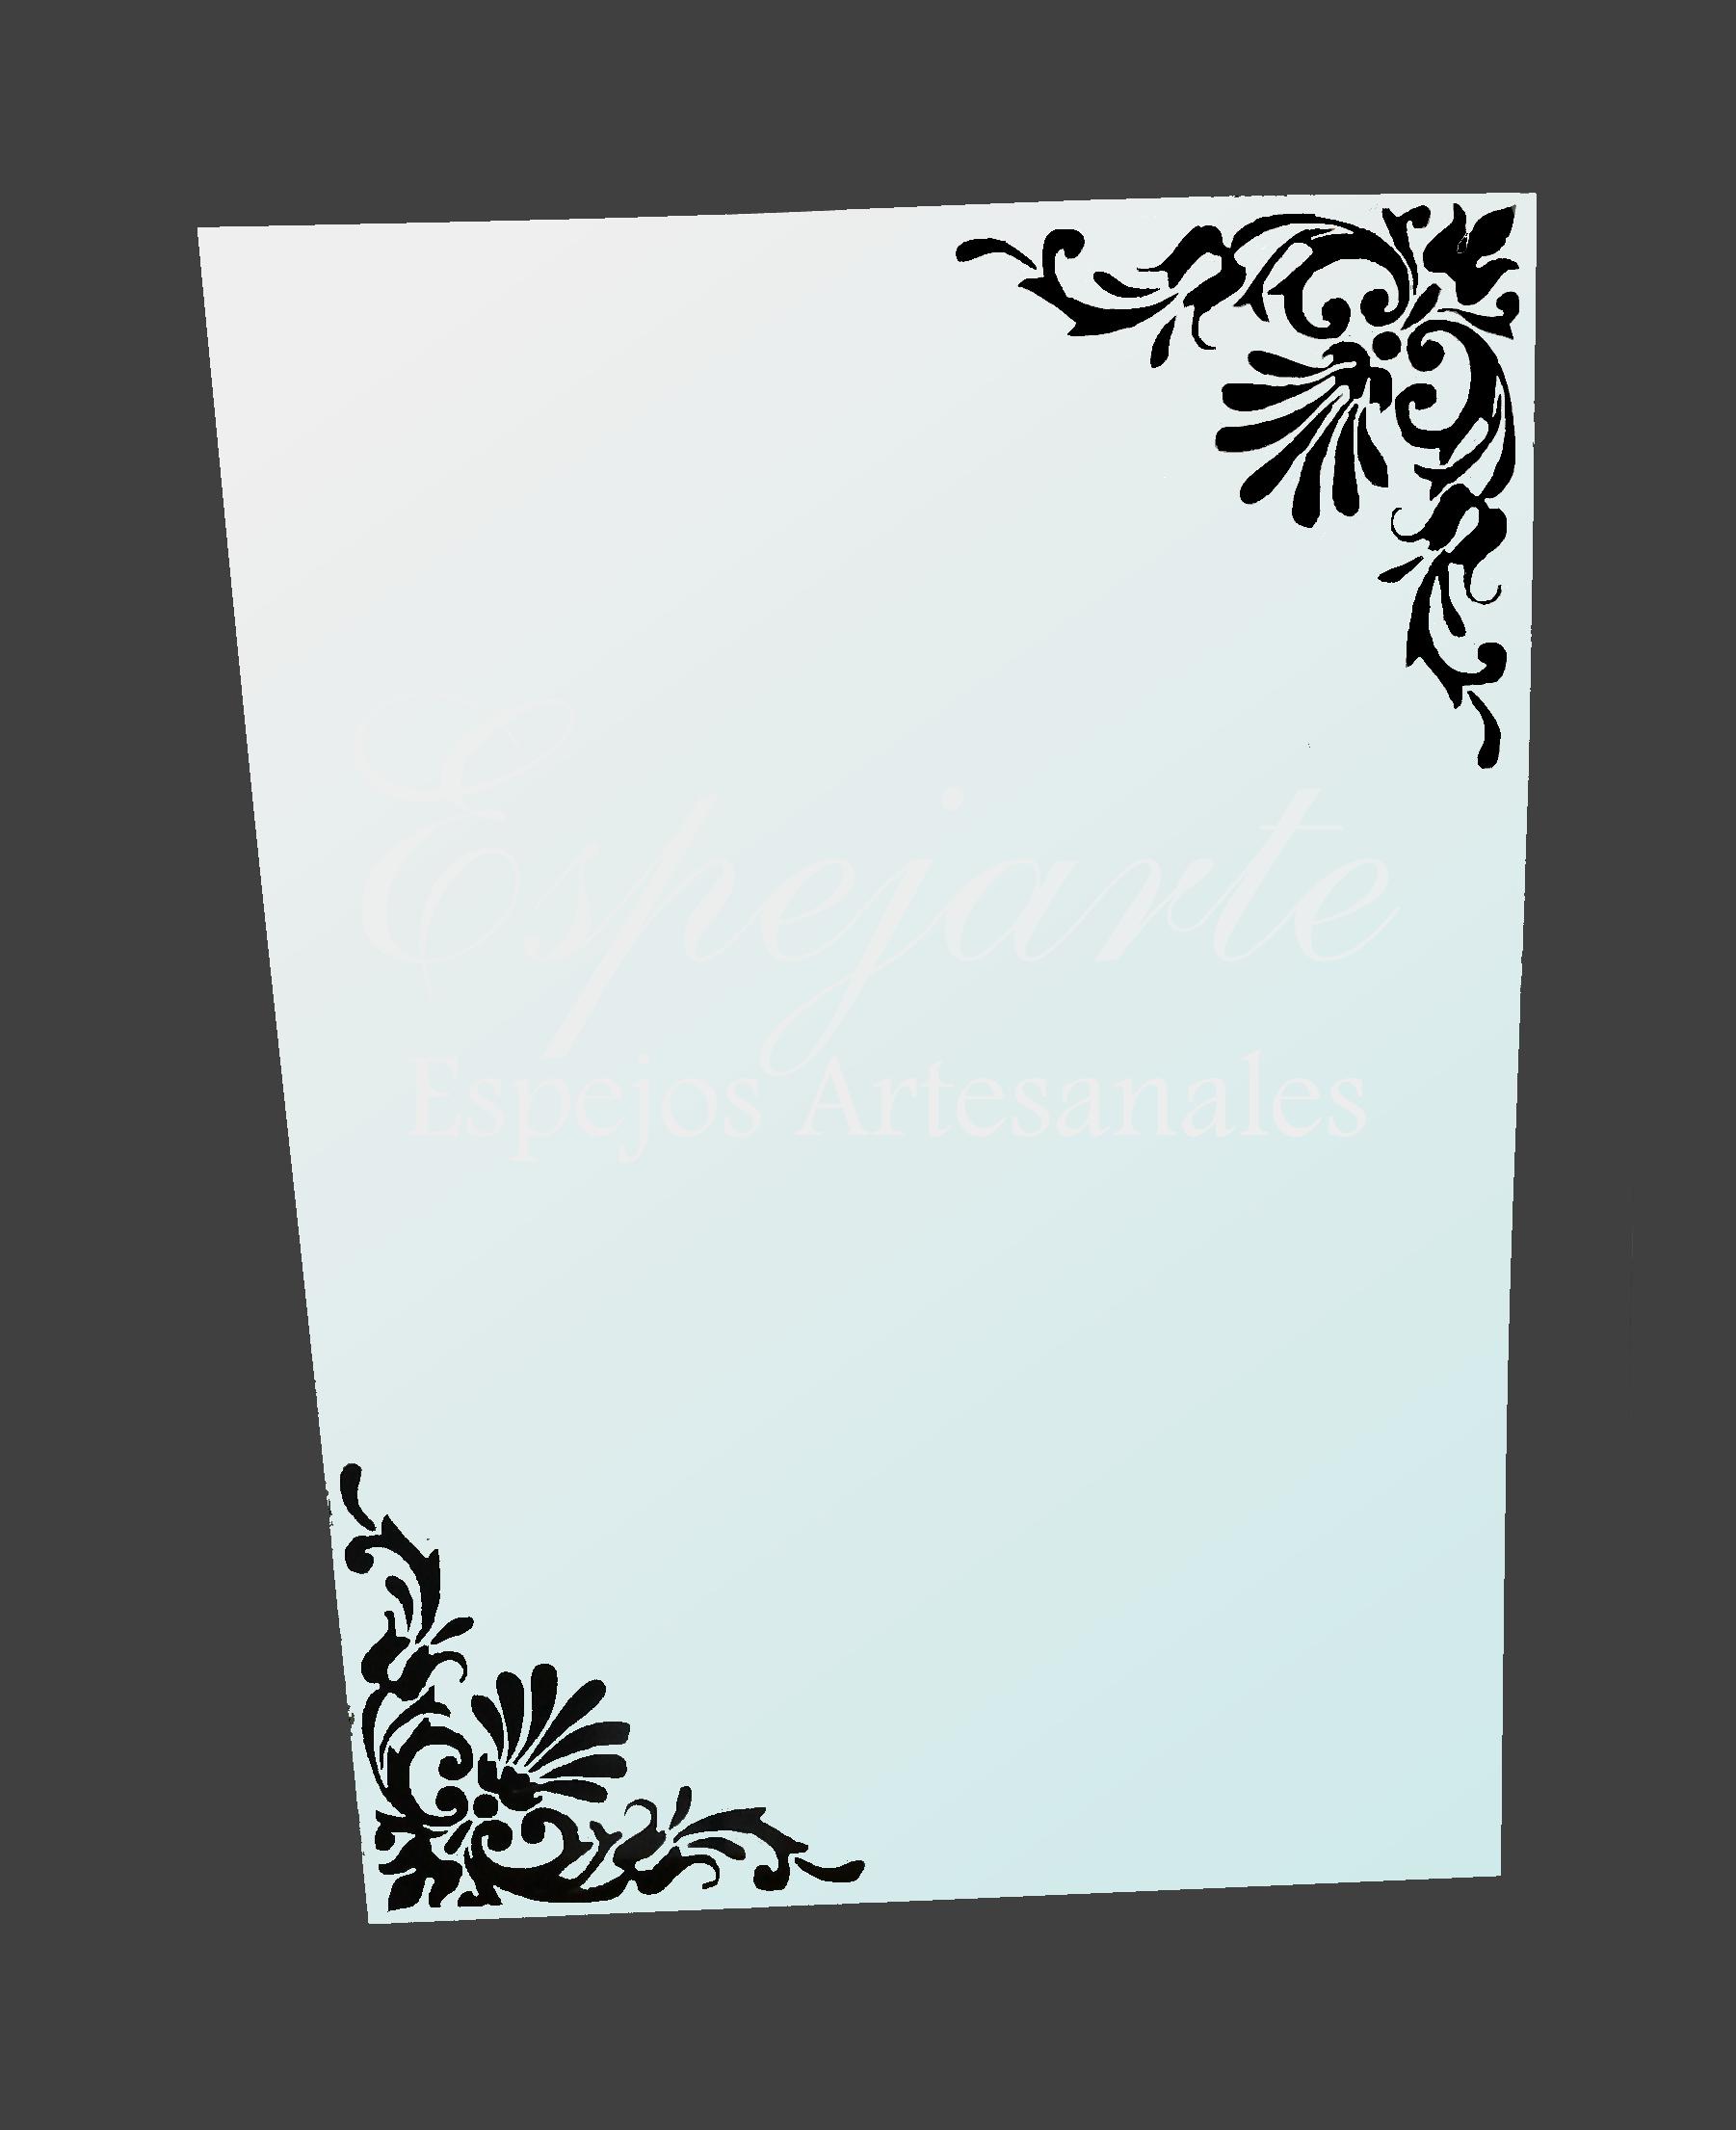 Espejo con bordes decorativos espejos pinterest for Espejos decorativos